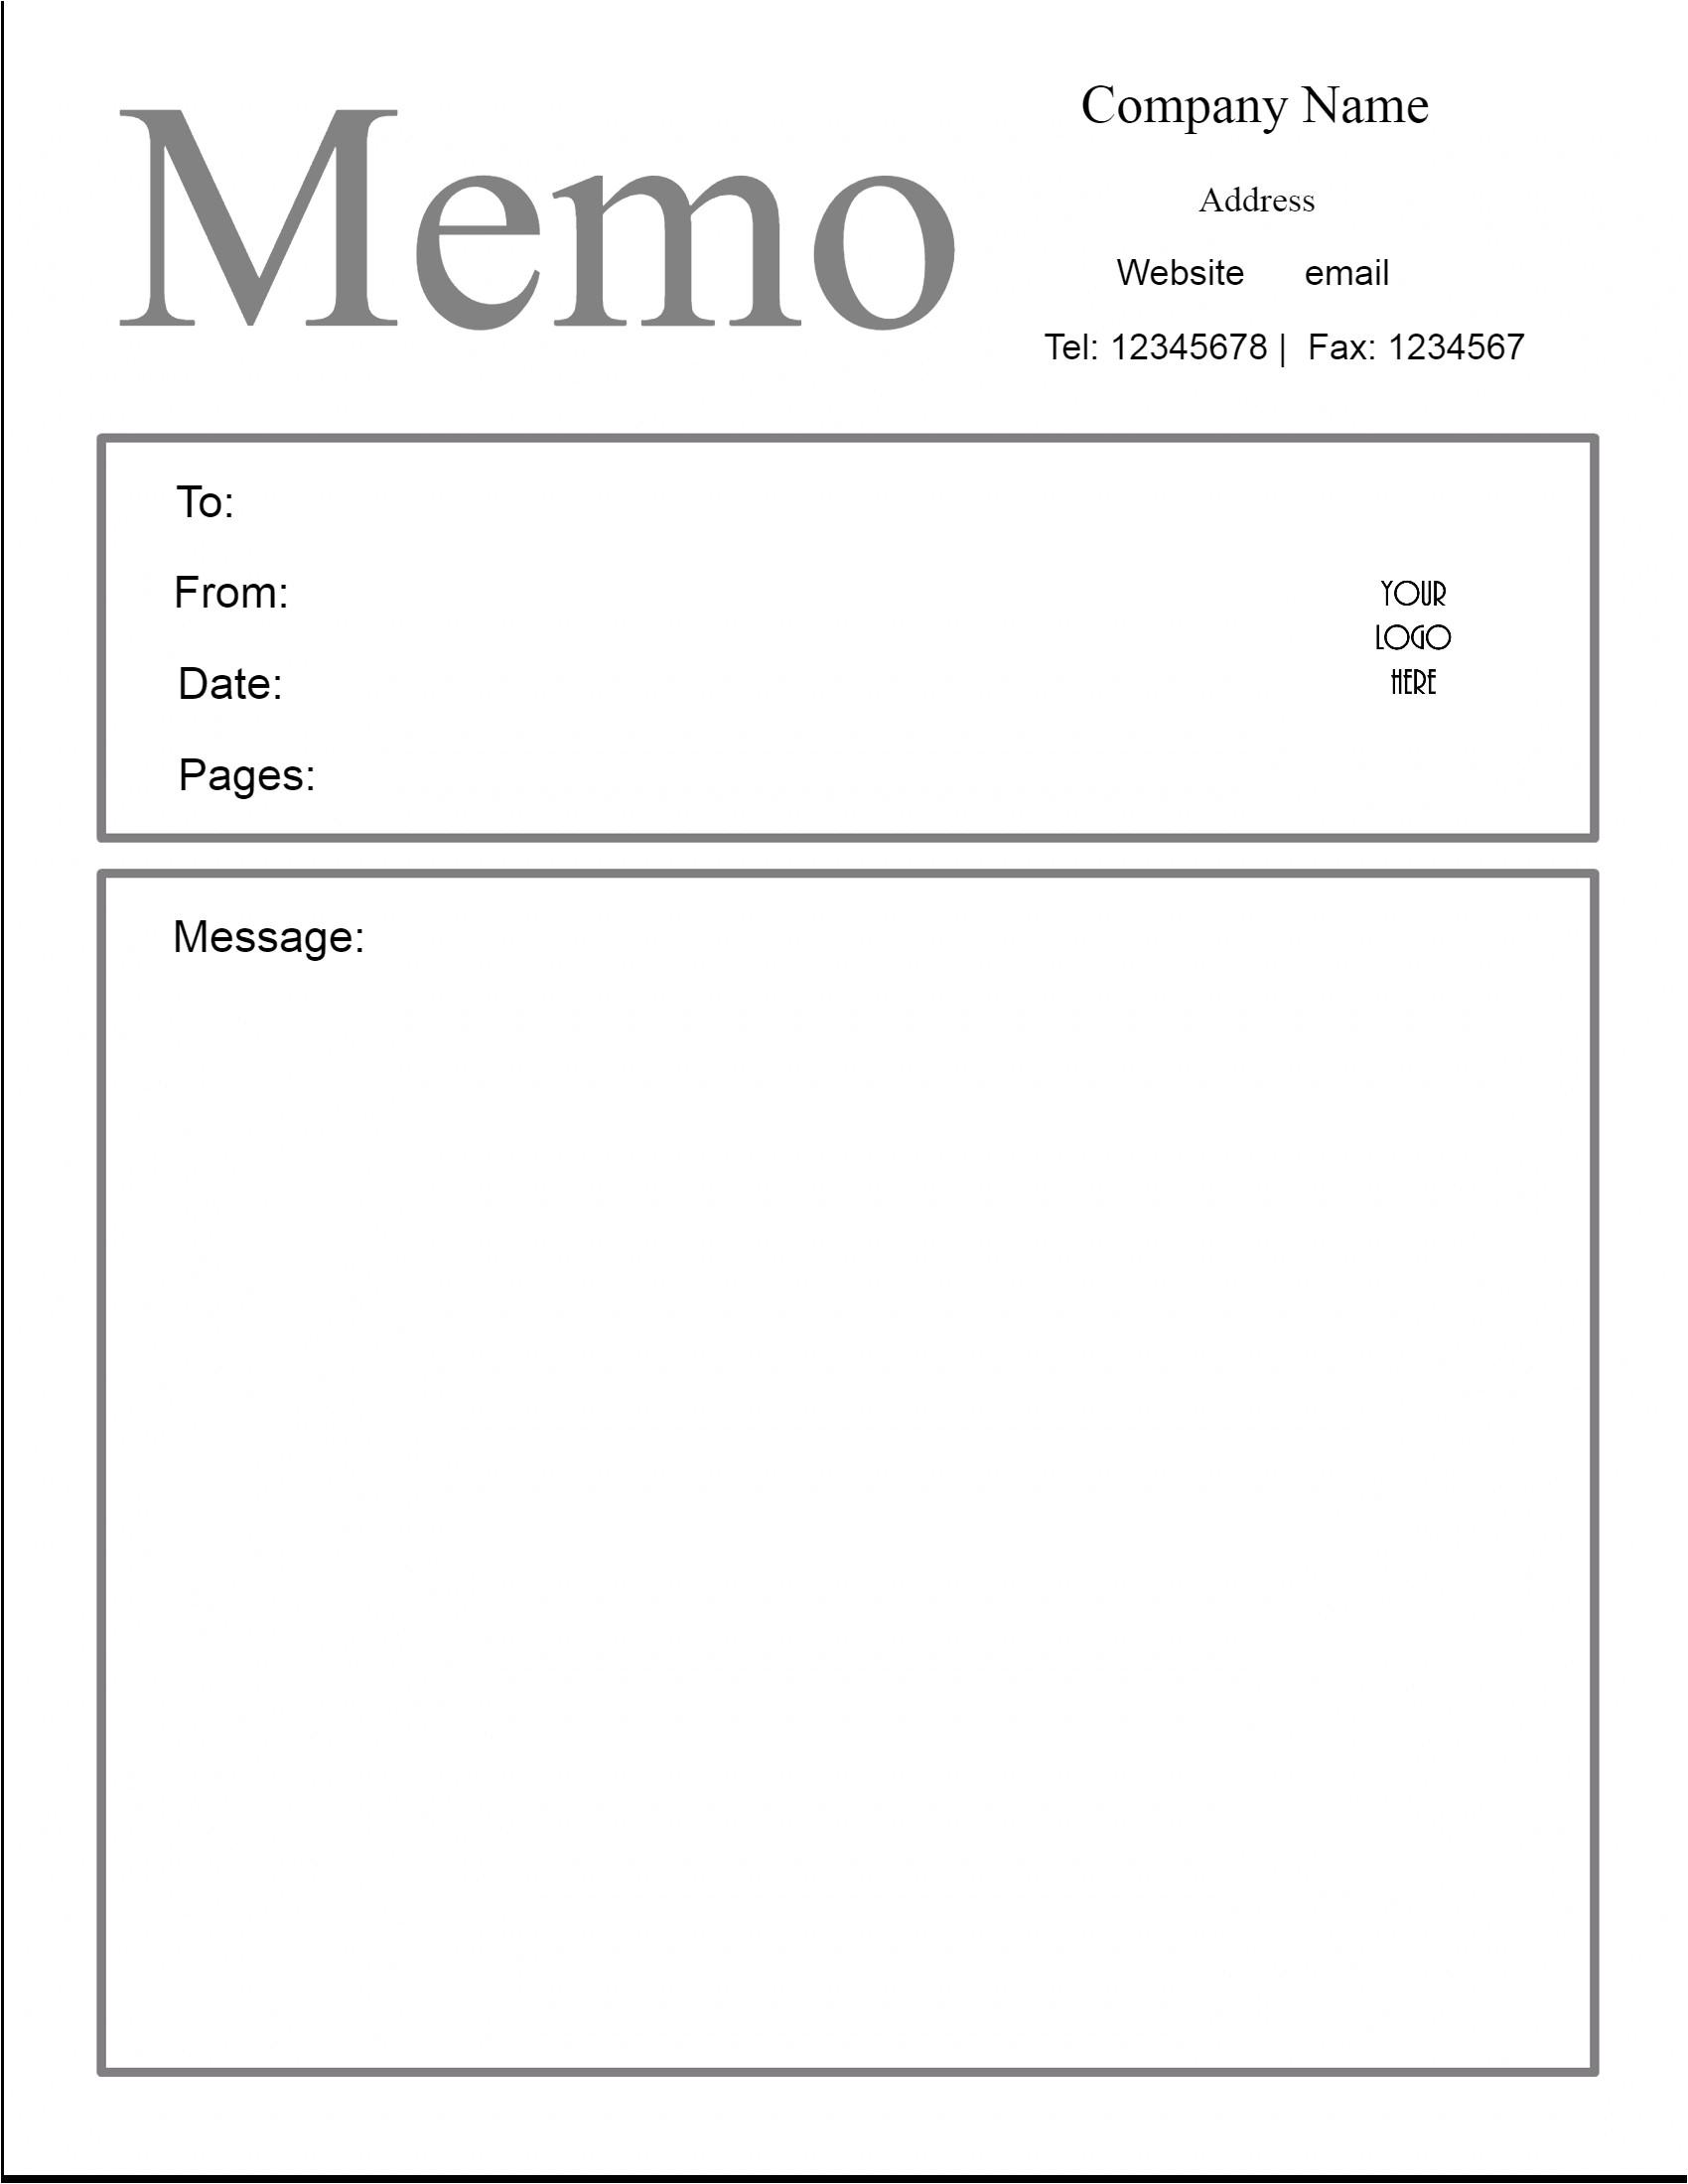 memo template